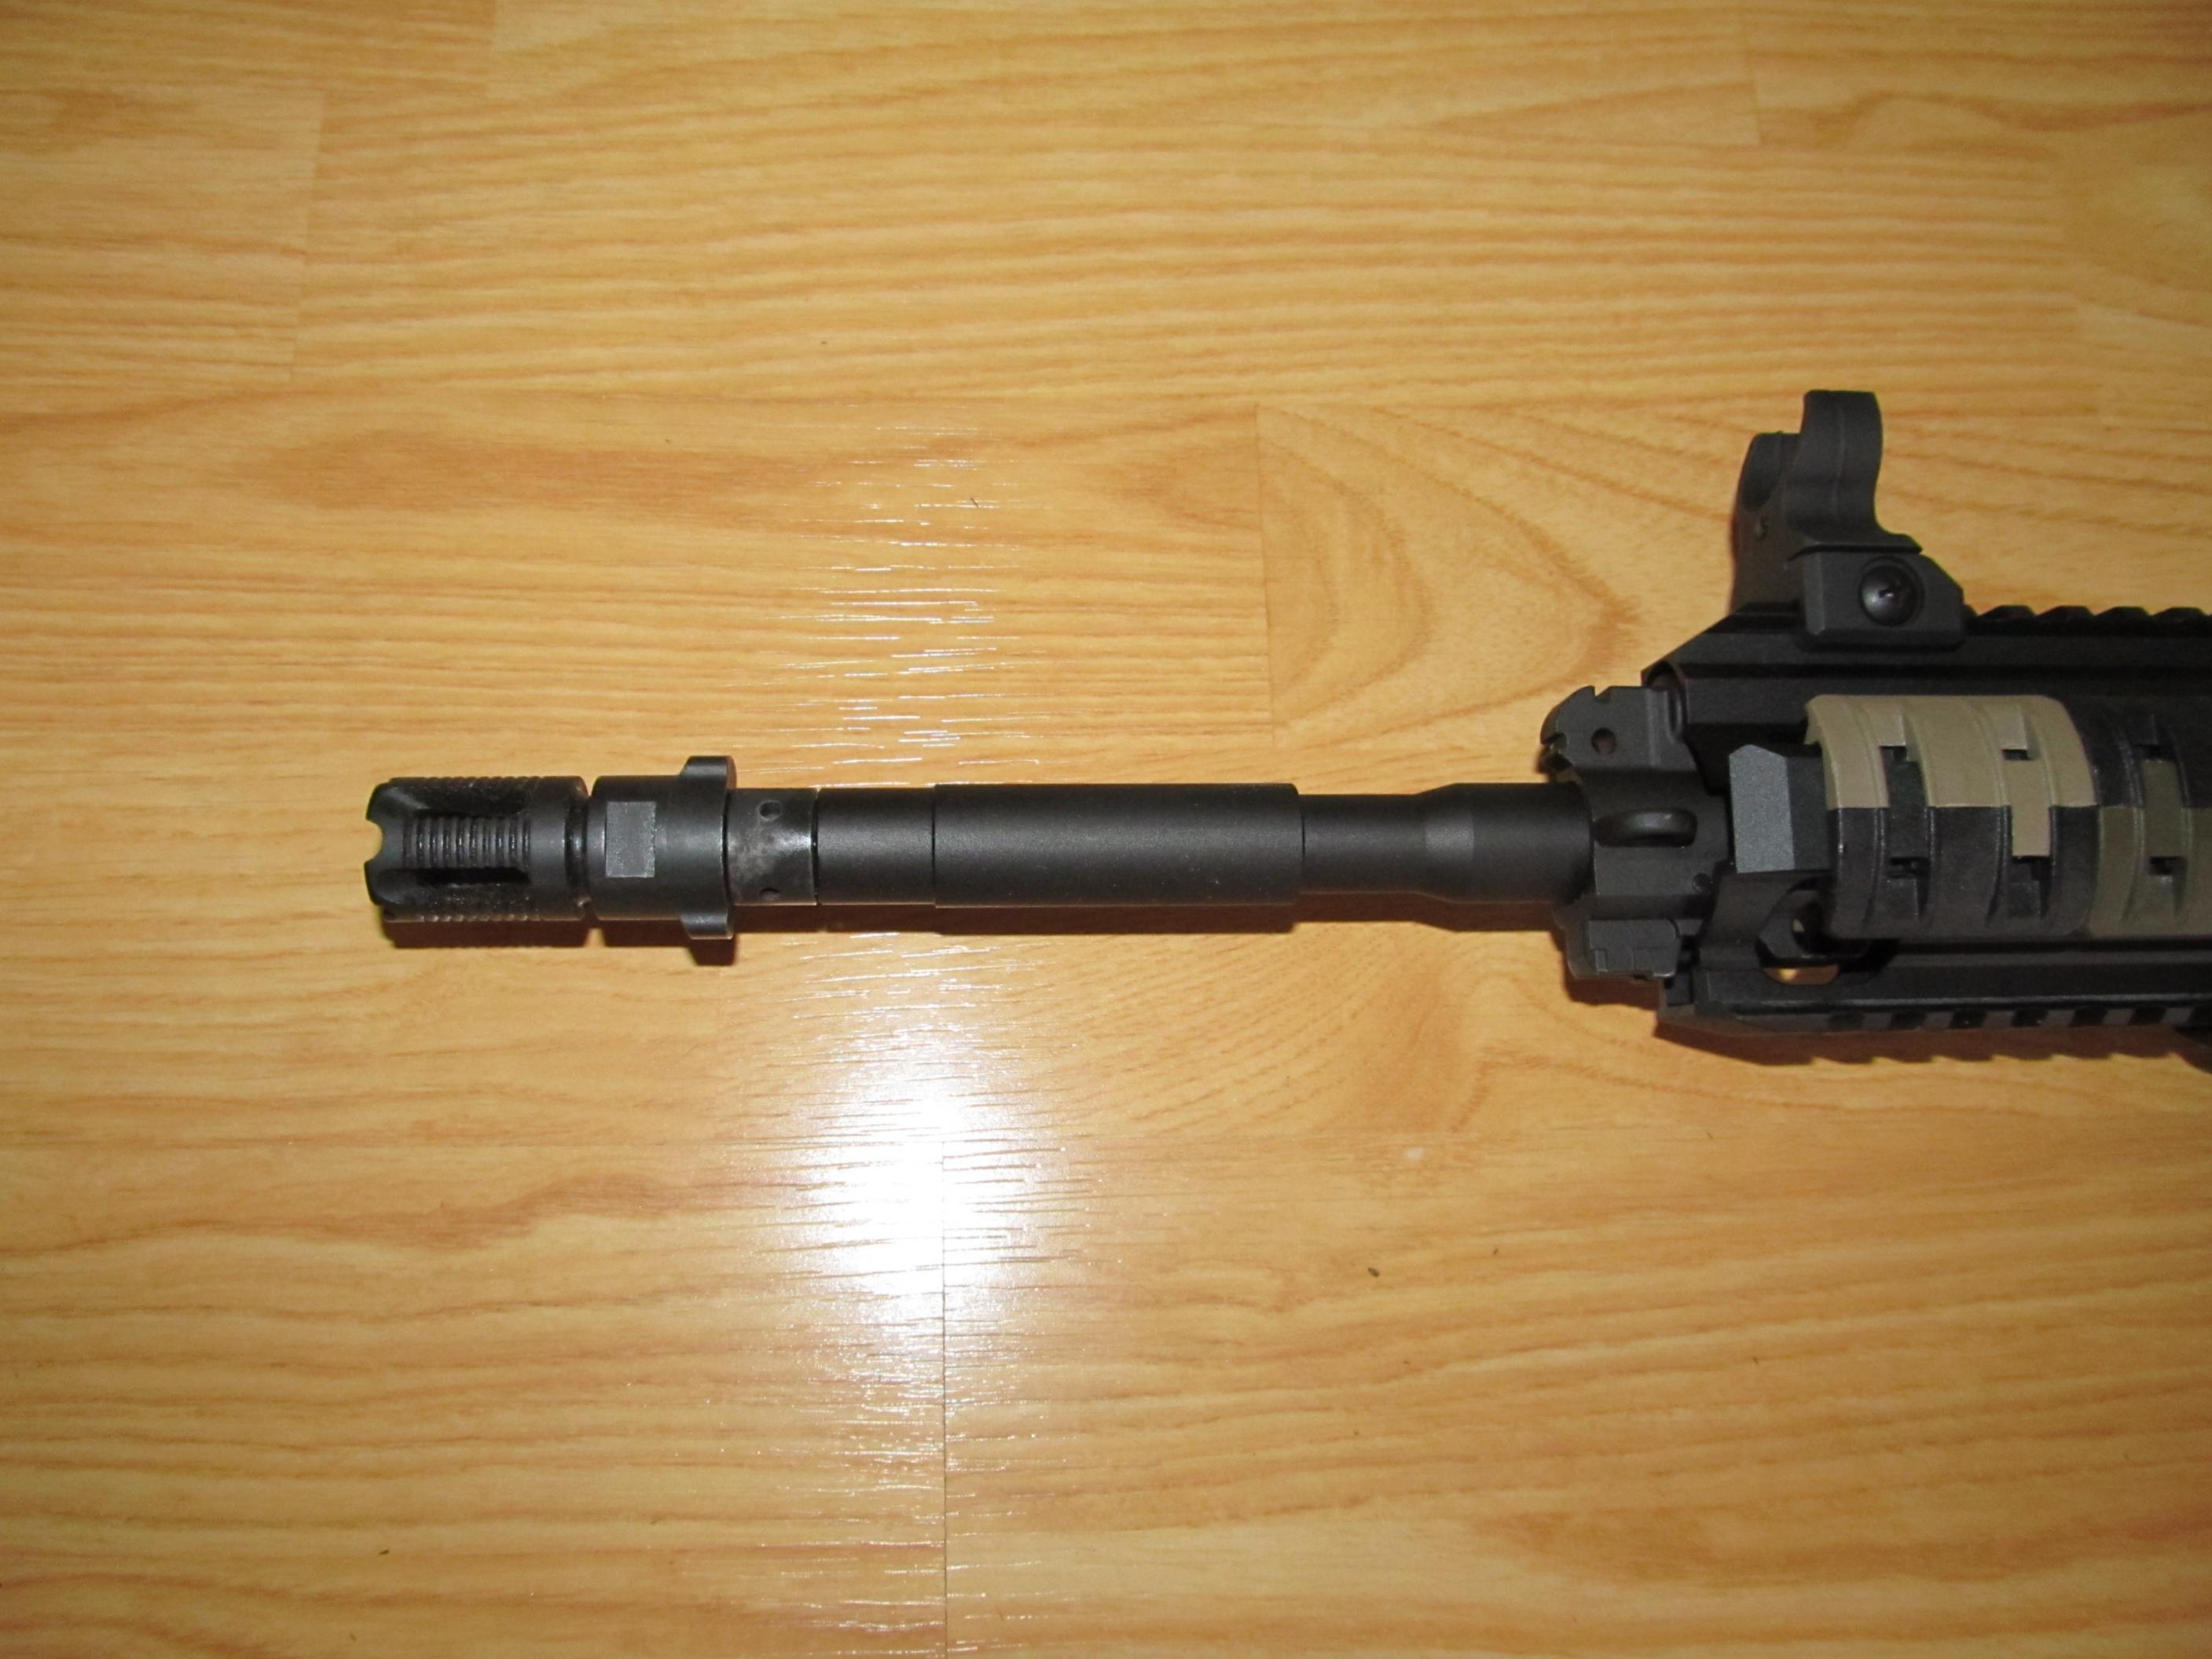 Which new Rimfire guns are threaded for a suppressor?